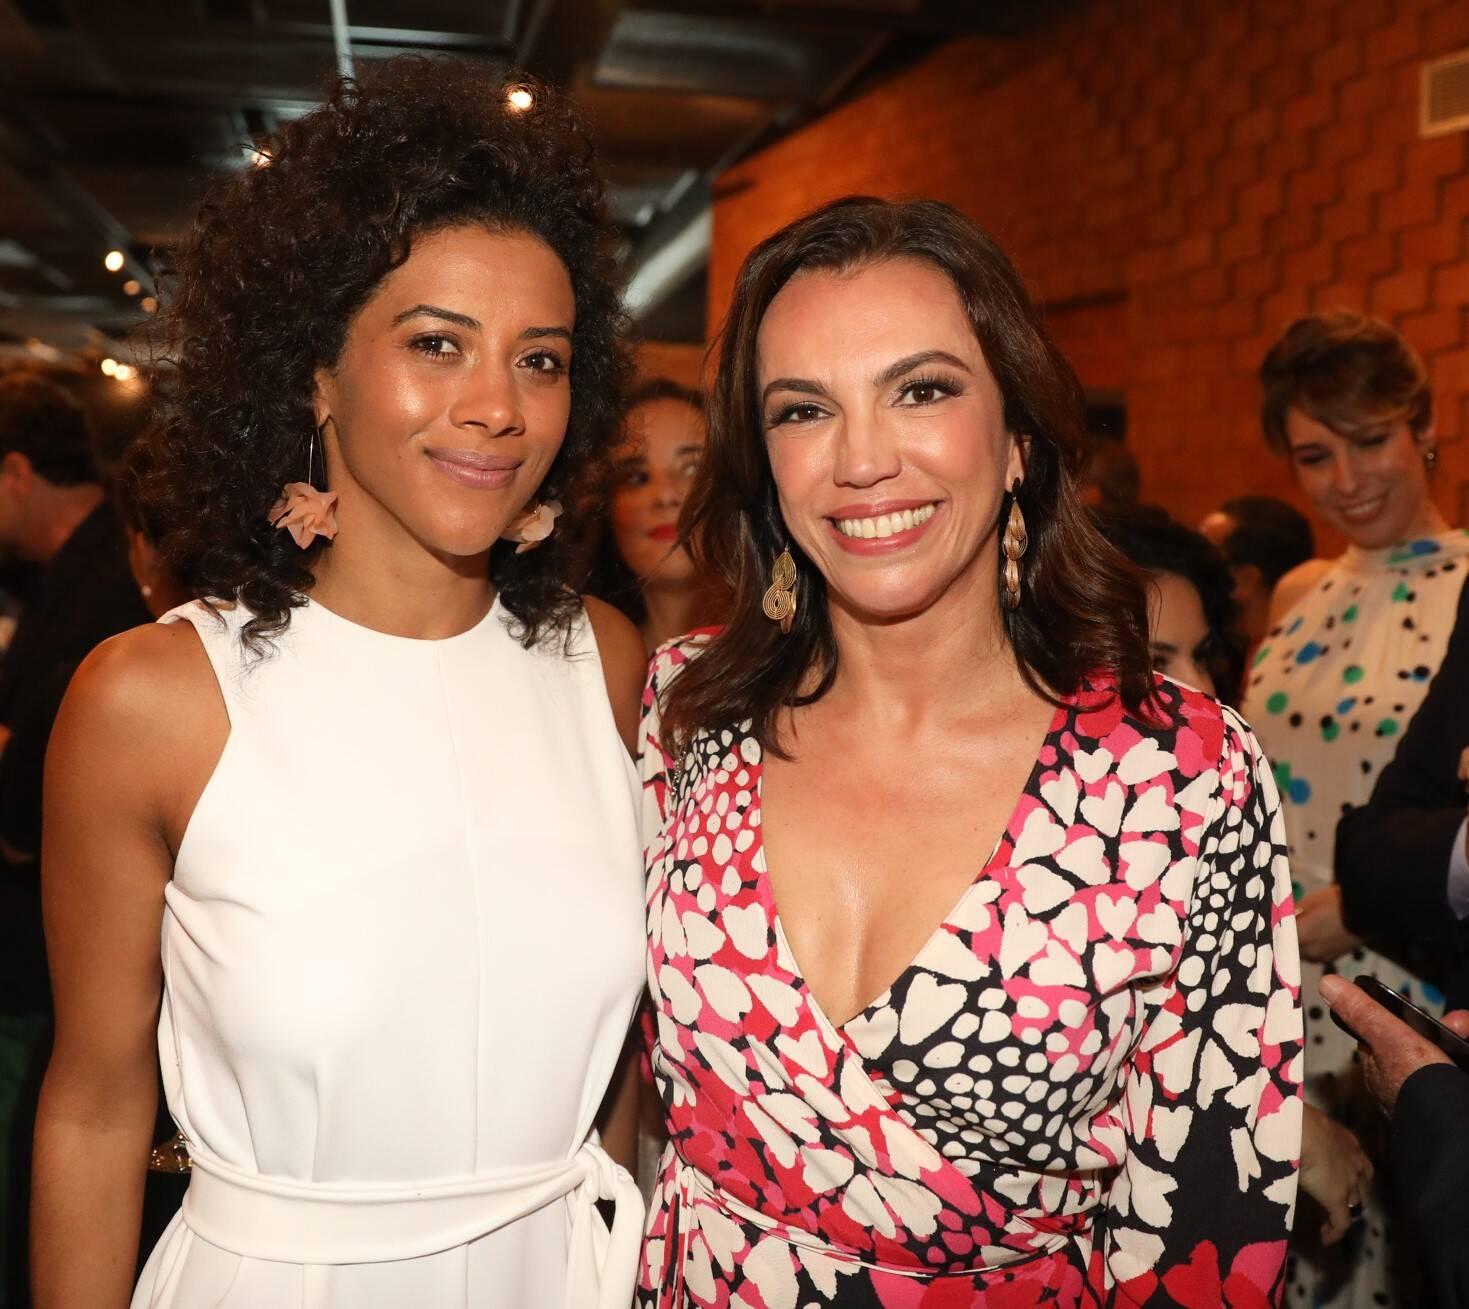 Aline Midlej e Ana Paulo Araújo /Foto: TV Globo /João Cotta e João Miguel Jr.